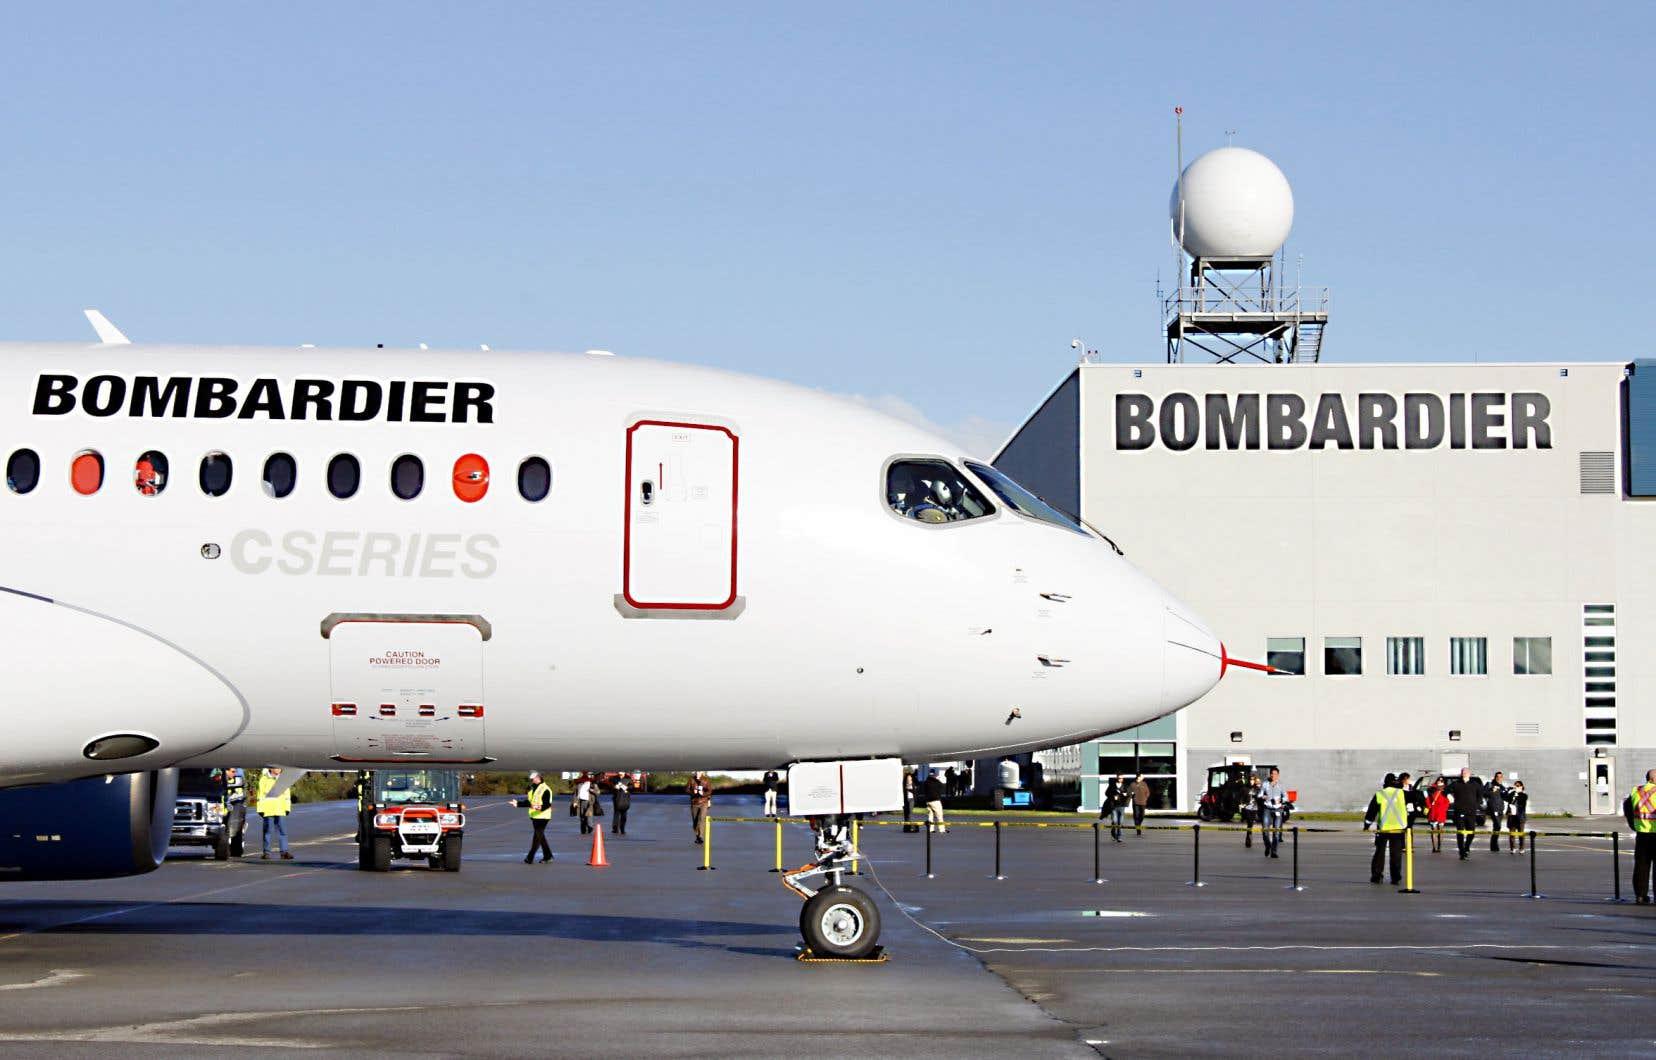 Il est difficile de se défaire de l'impression que Bombardier, qui s'est longtemps vanté d'être le troisième fabricant aéronautique au monde, est en train aujourd'hui d'organiser sa sortie, à tout le moins du secteur des avions commerciaux.